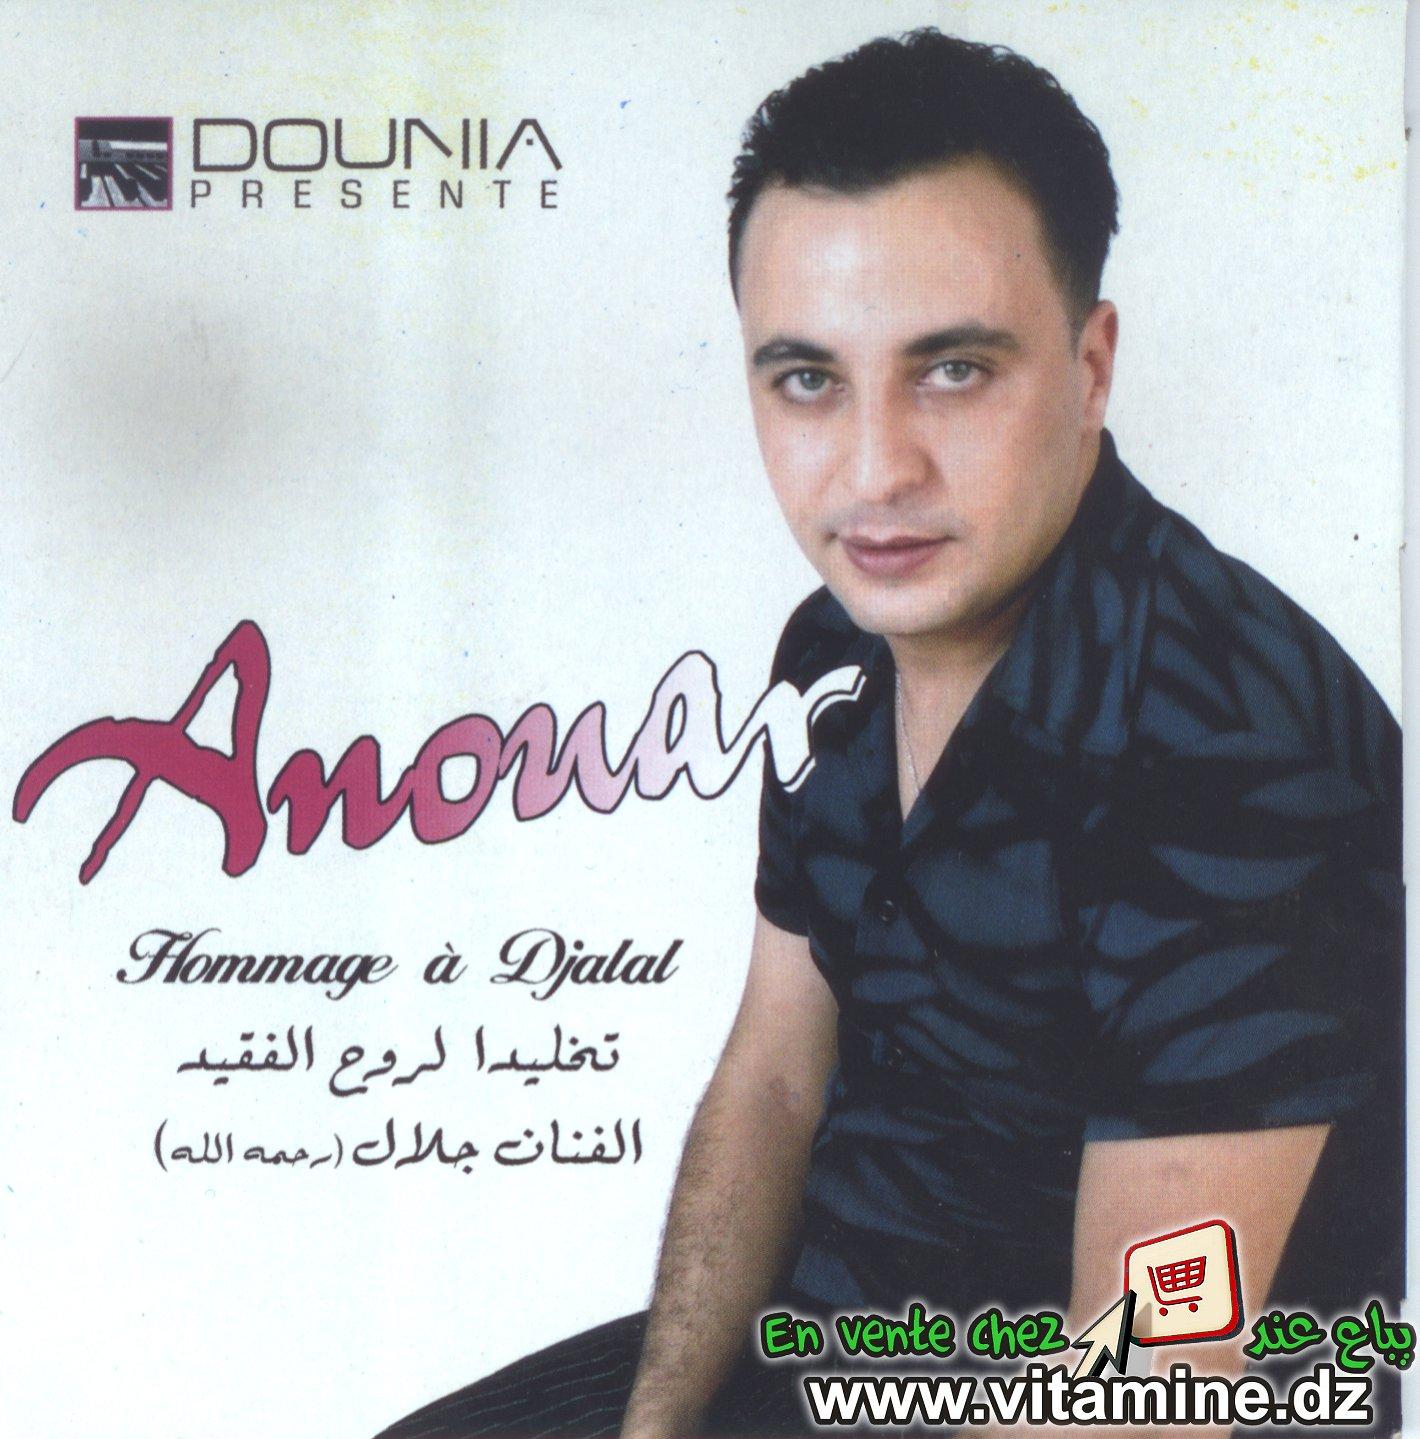 Anouar - hommage à Djalal